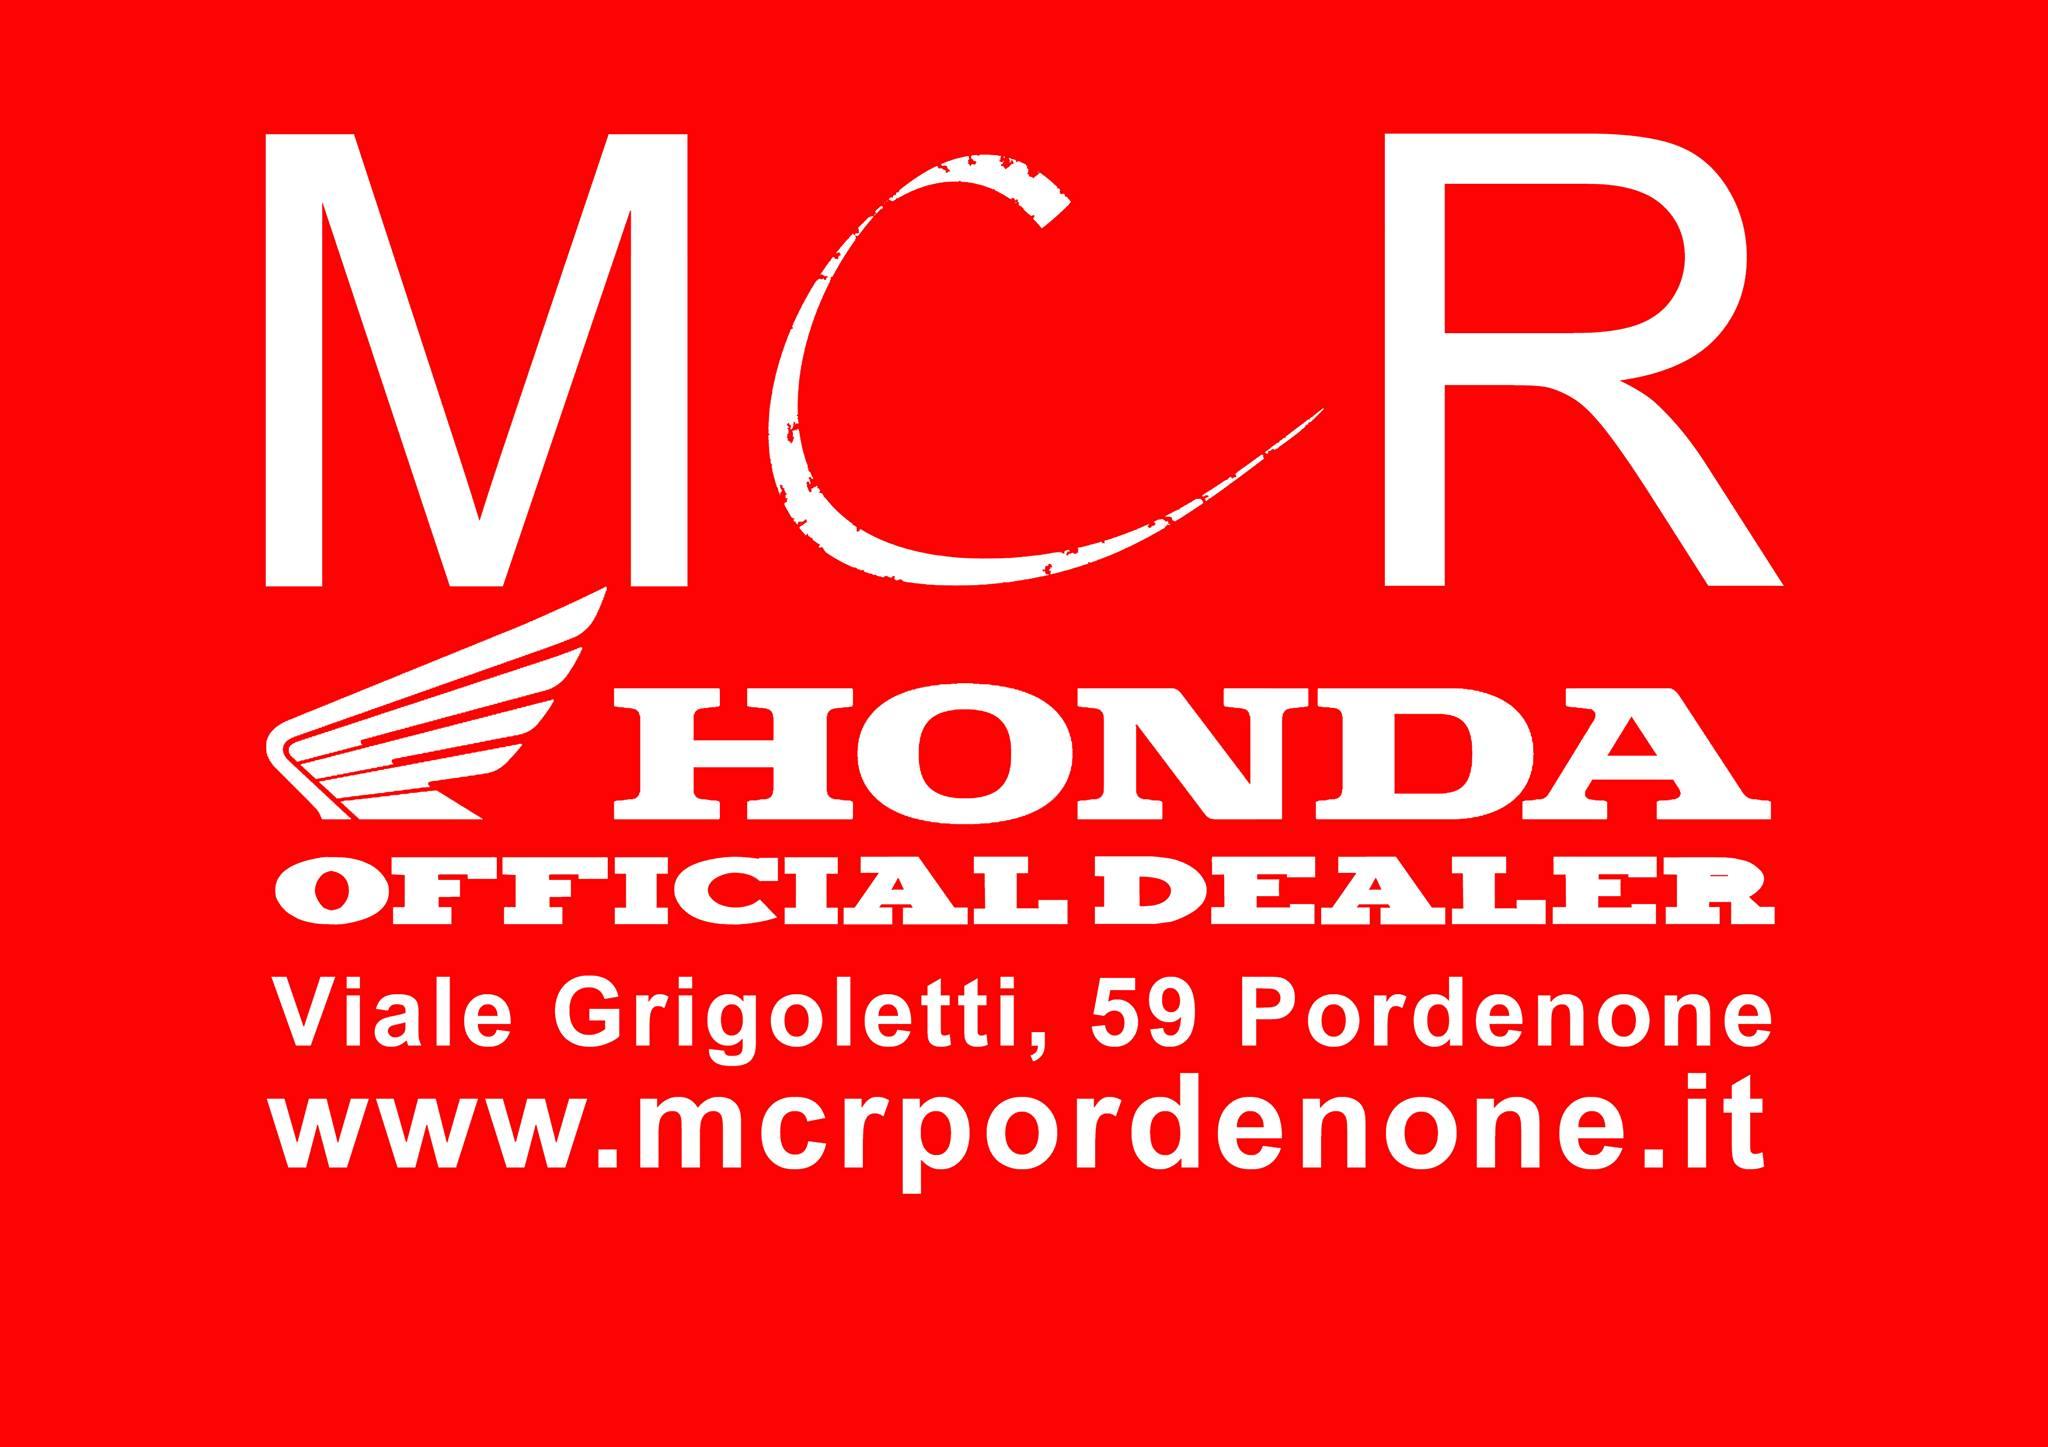 Convenzione M.C.R. di Zucchet G. & C.